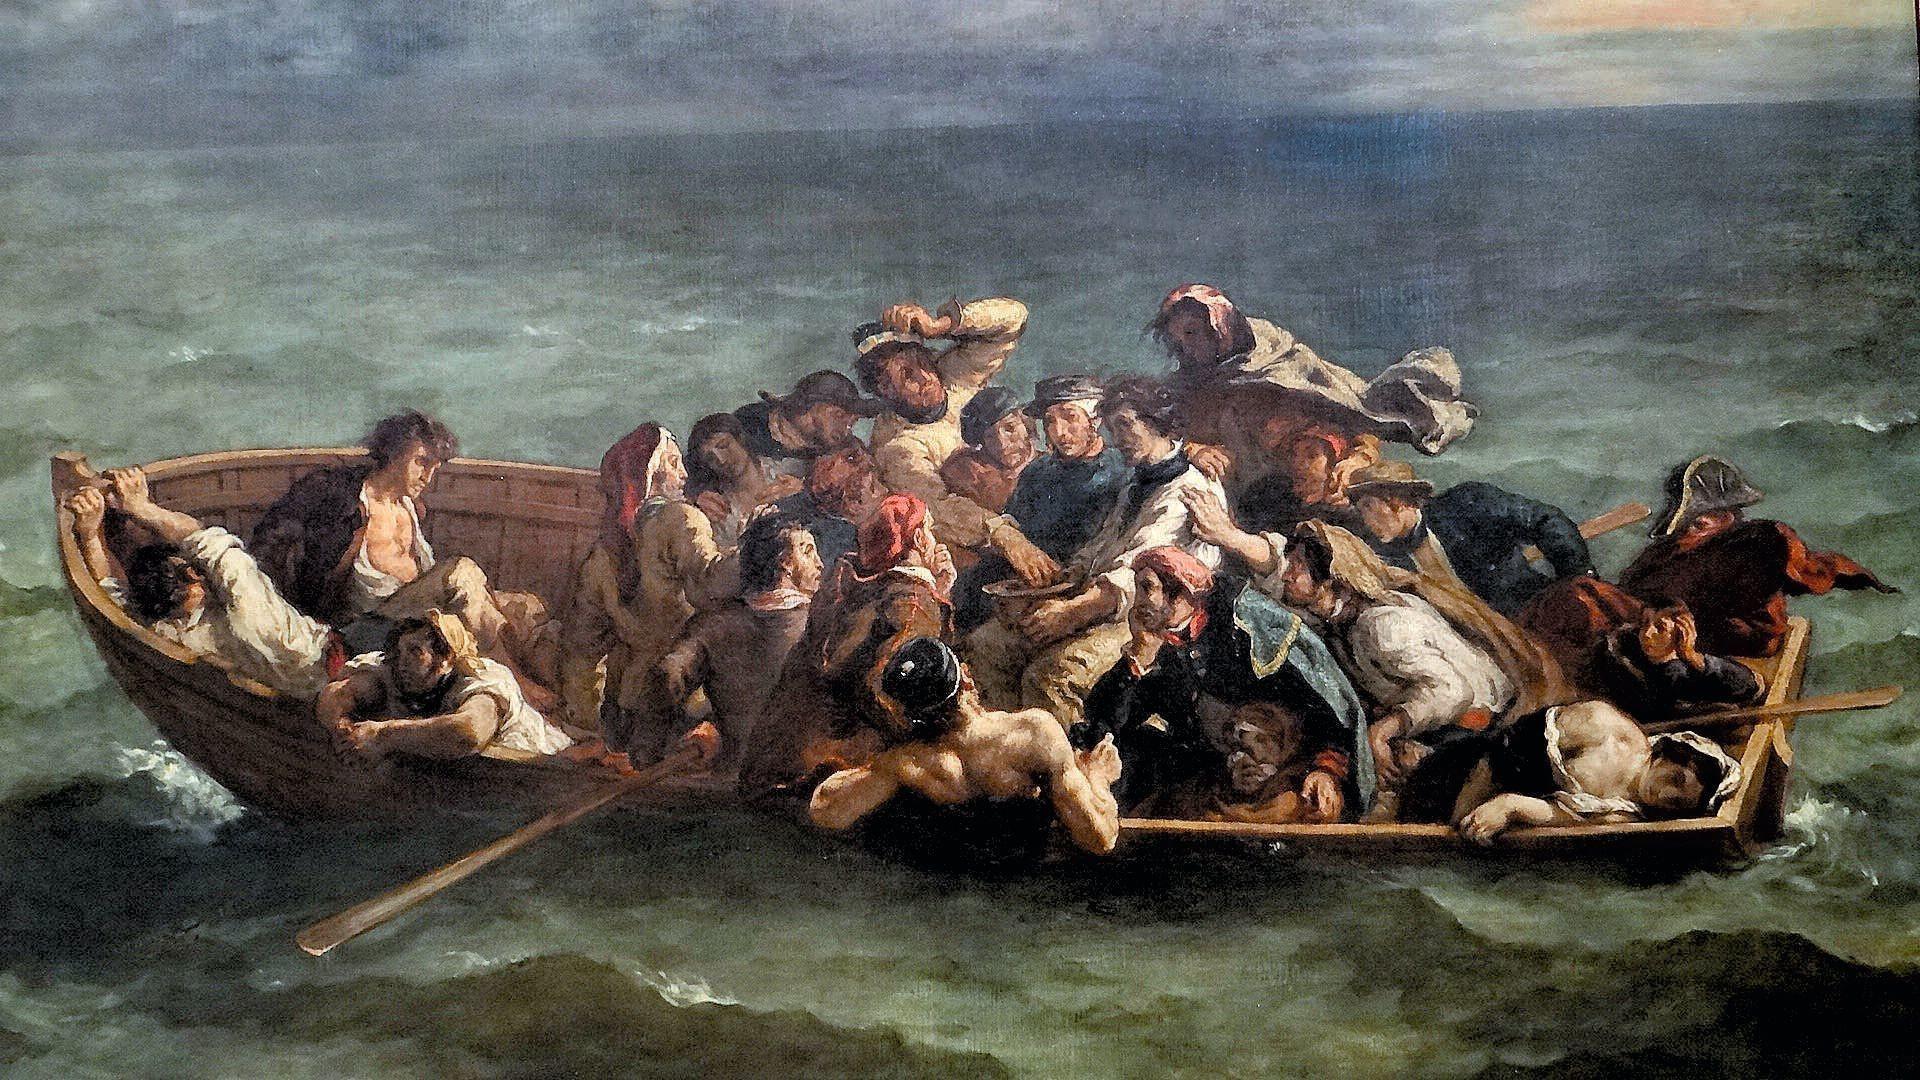 Eugène Delacroix, Le Naufrage de Don Juan, 1840, huile sur toile, musée du Louvre, Paris.